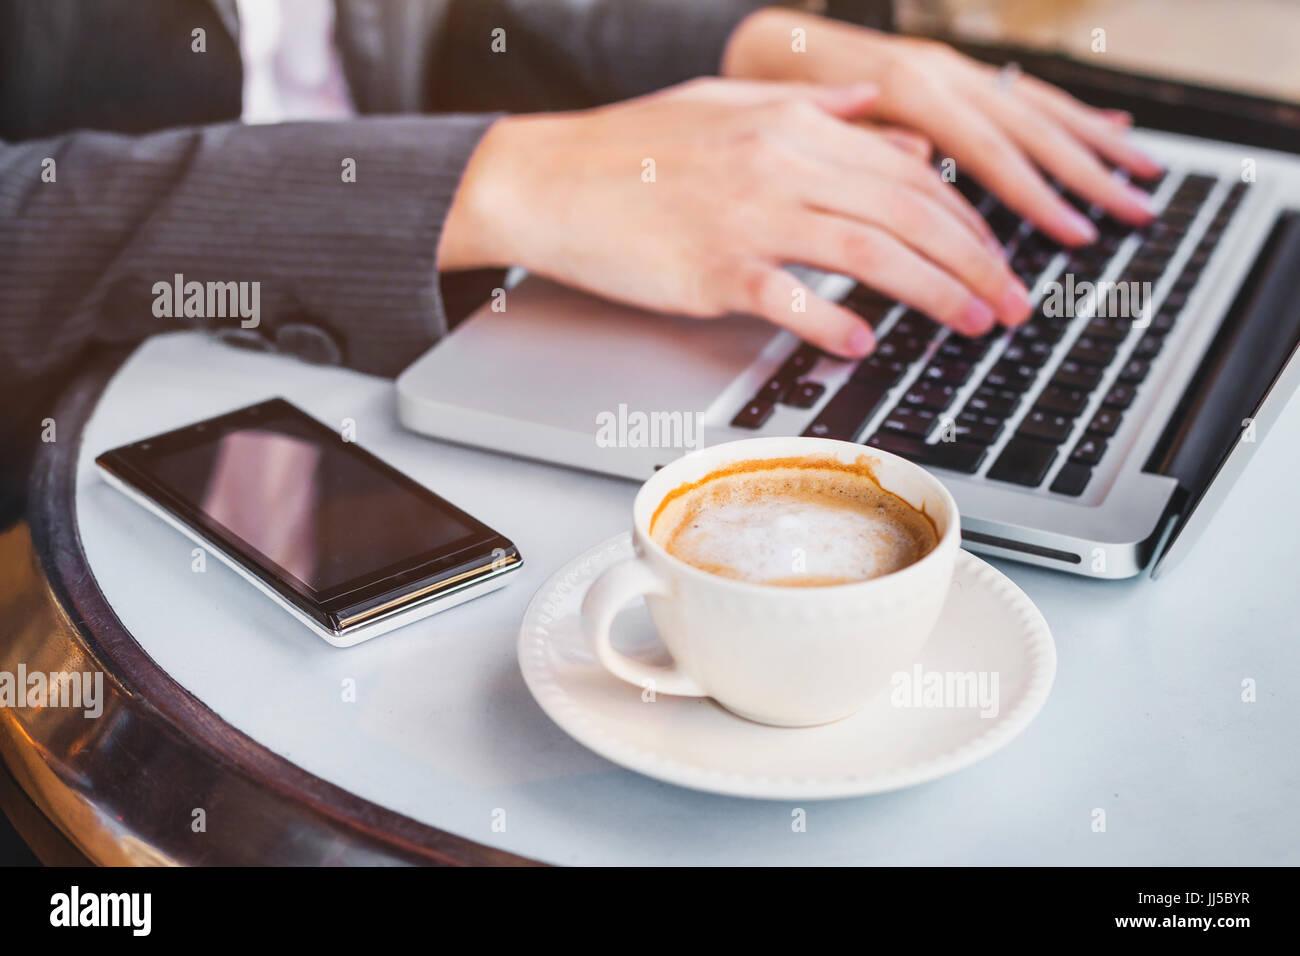 Lavorando sul computer online, donna controllare la posta sul computer portatile in cafe, rete sociale o il concetto Foto Stock